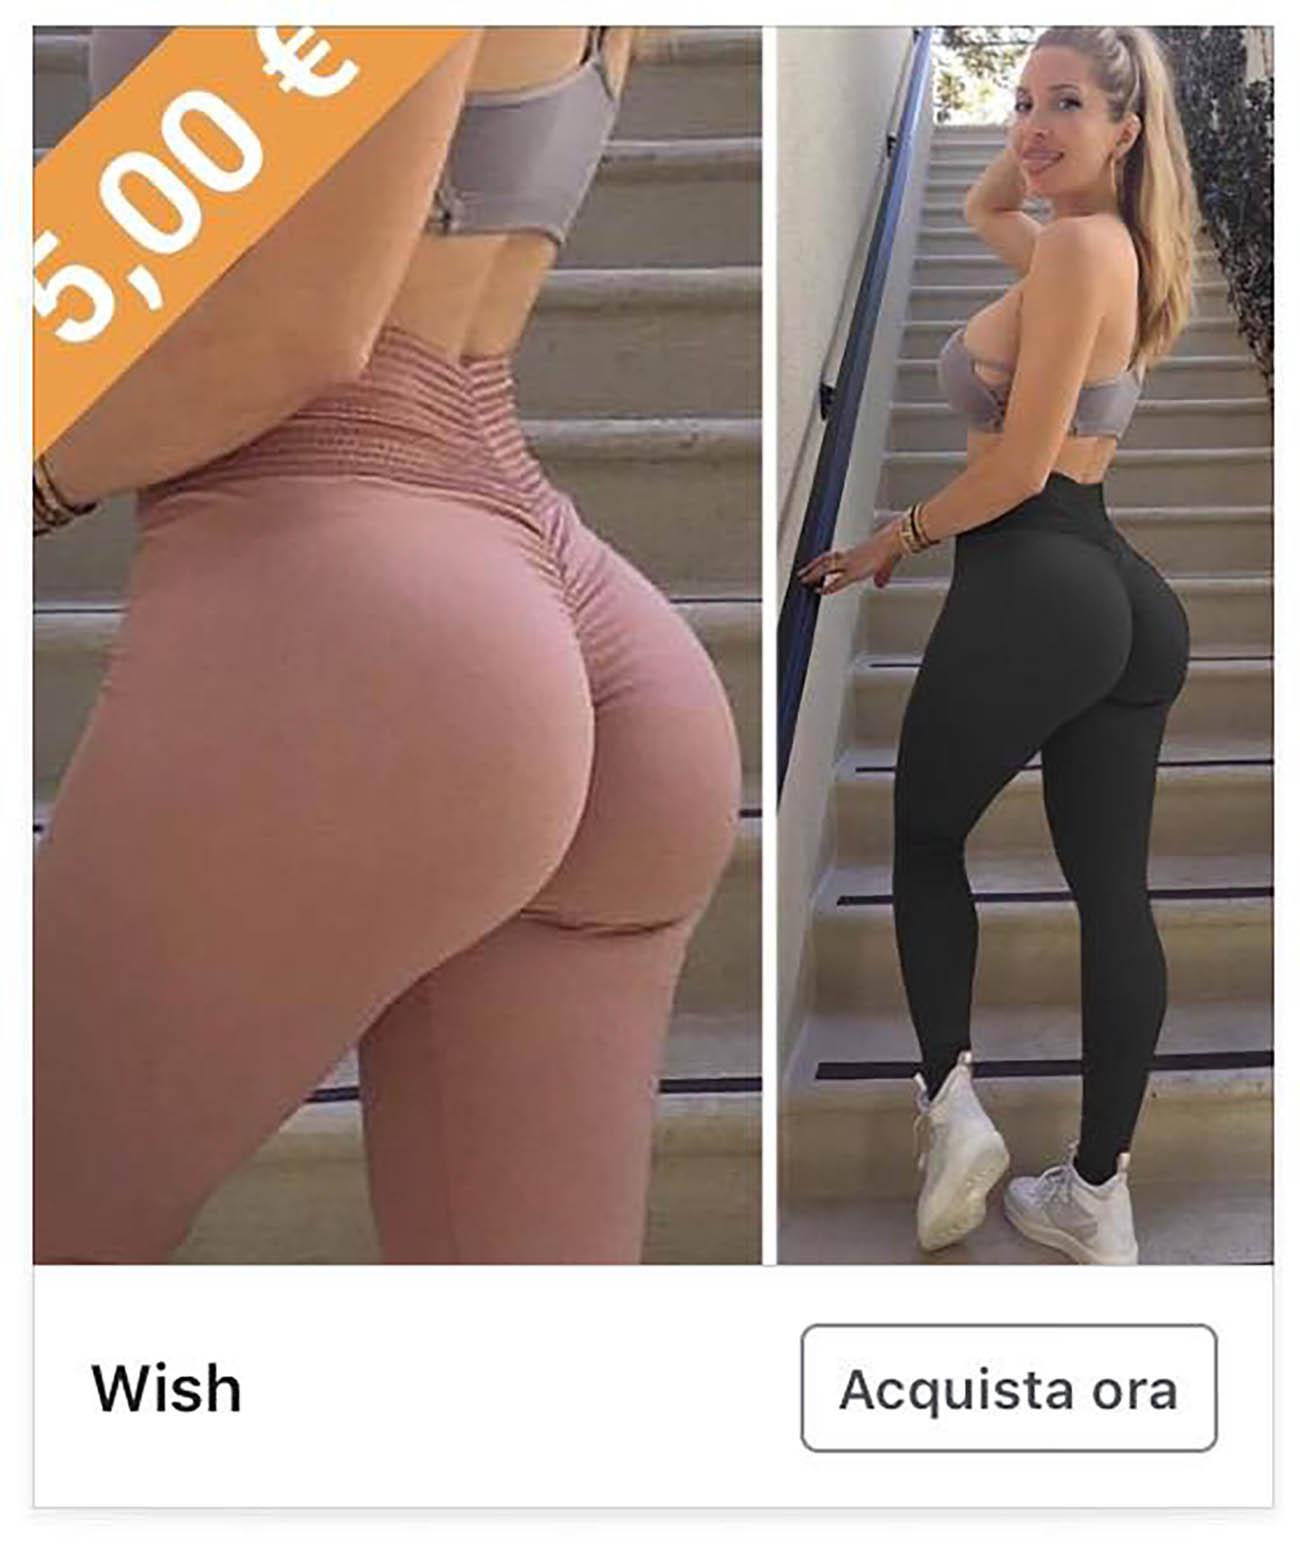 pubblicità wish social